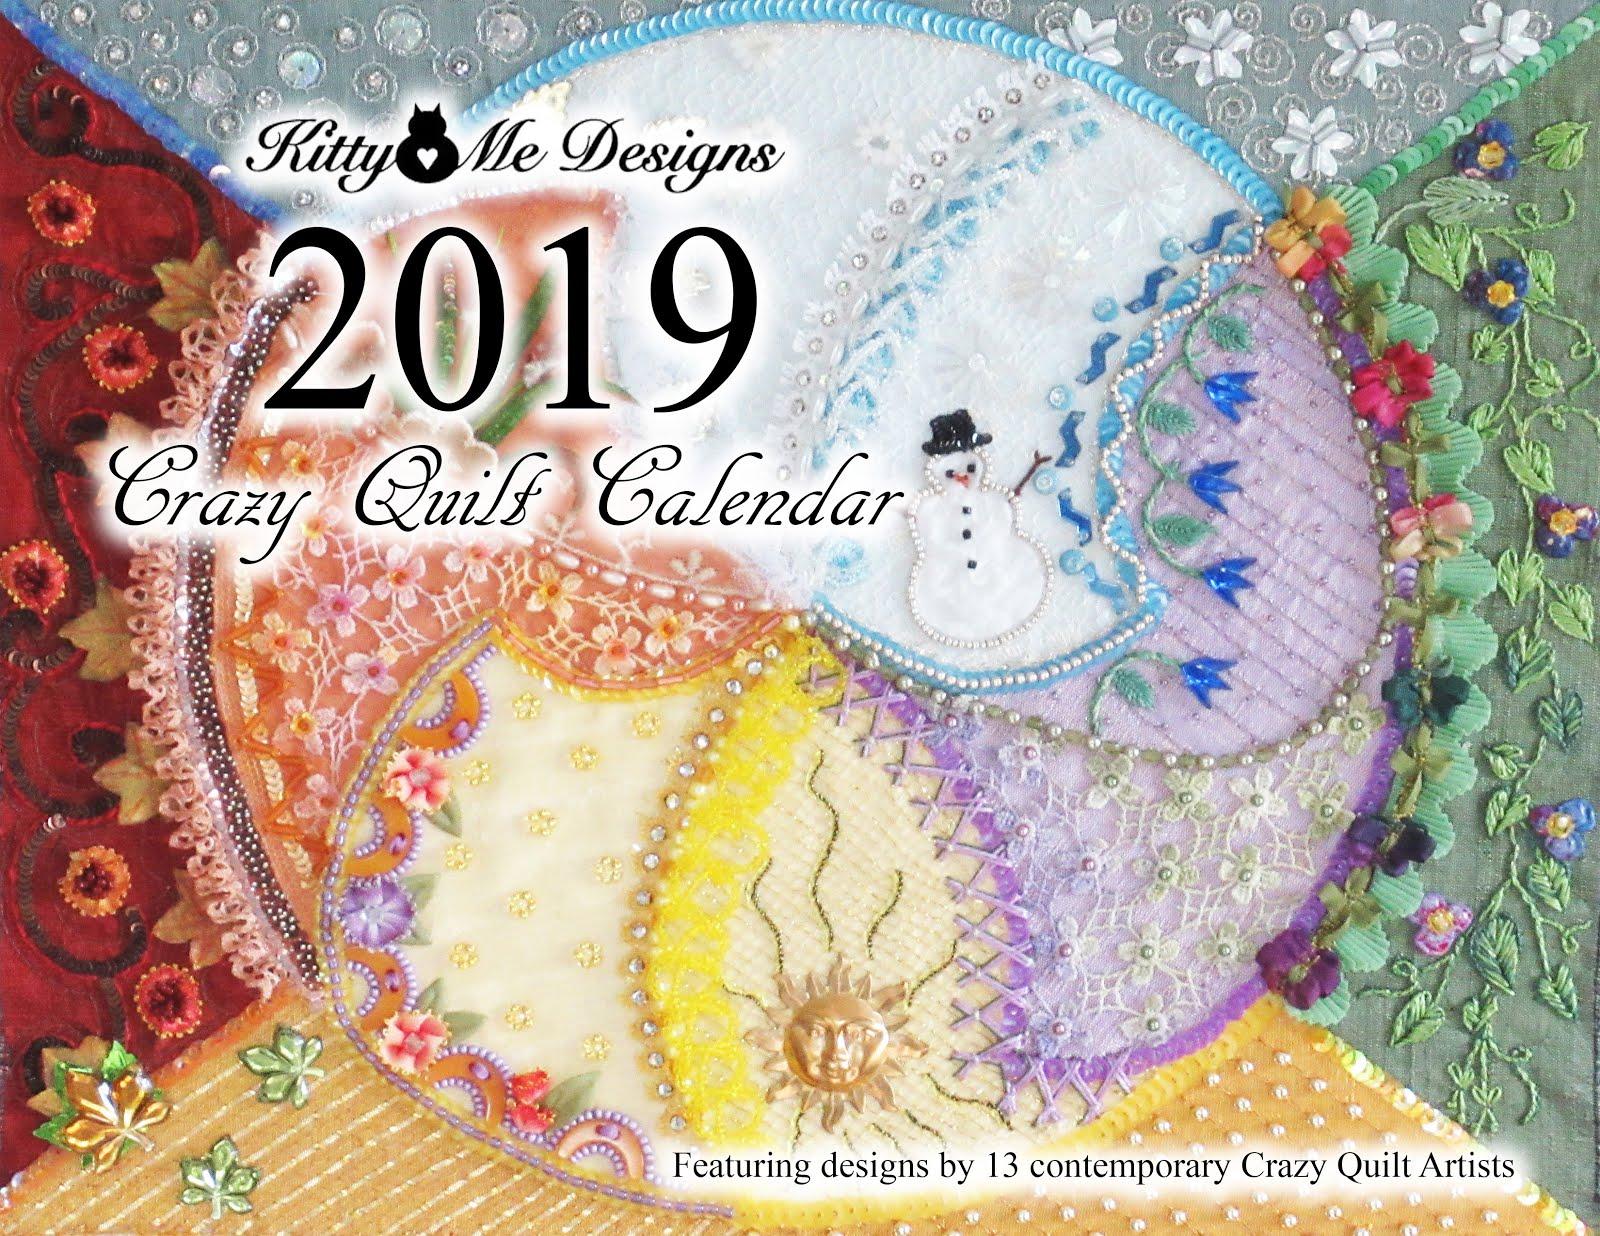 The 2019 Crazy Quilt Calendar